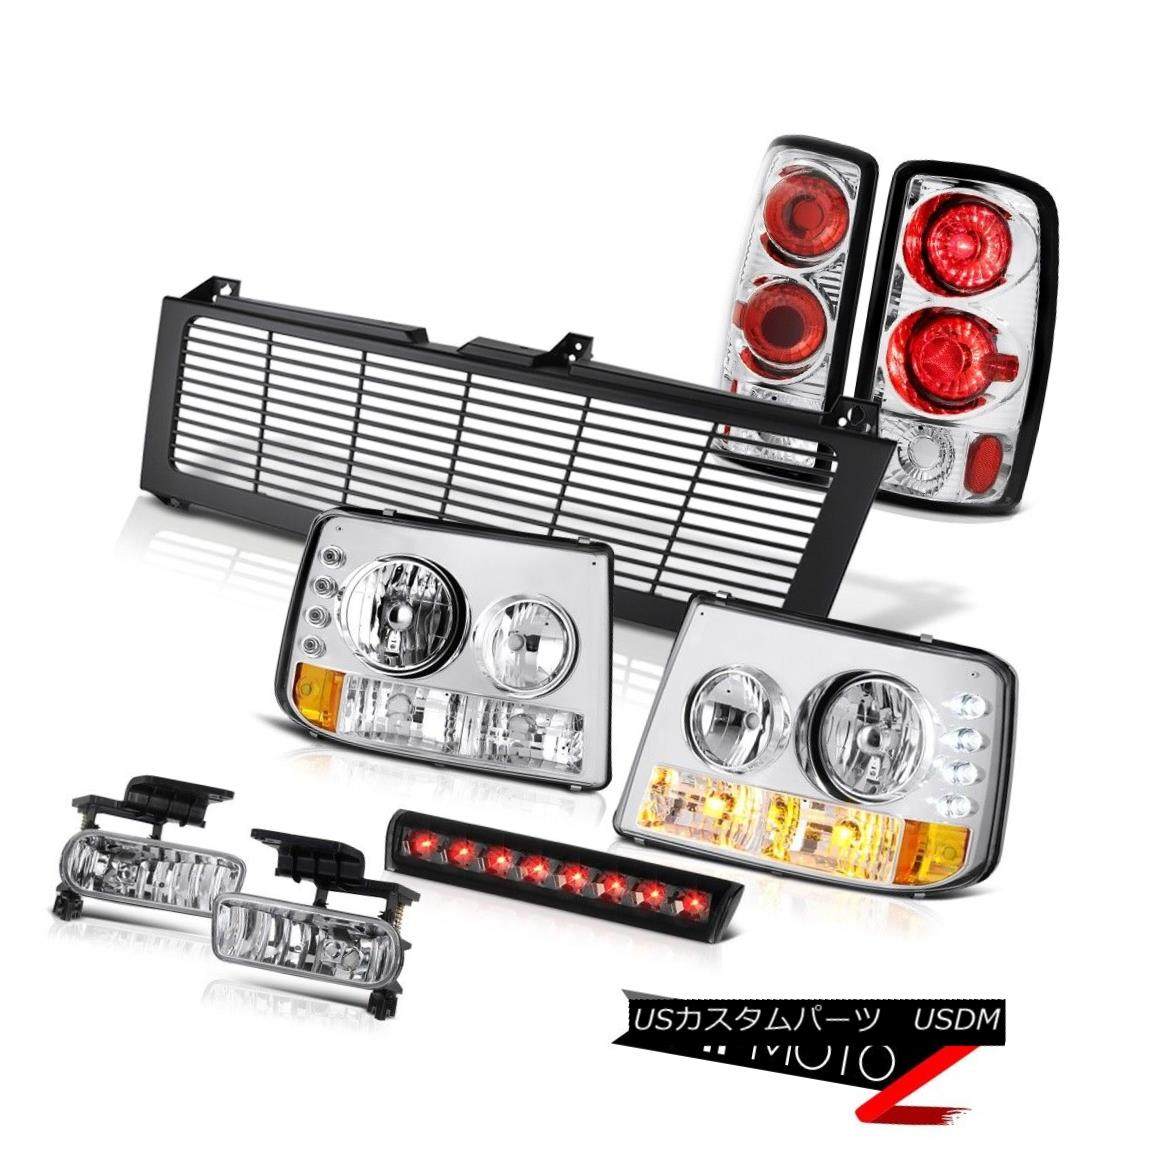 ヘッドライト Headlights Euro Taillights Fog High Brake LED Black Grille 2000-2006 Suburban LS ヘッドライトユーロ灯台霧ハイブレーキLEDブラックグリル2000-2006郊外LS